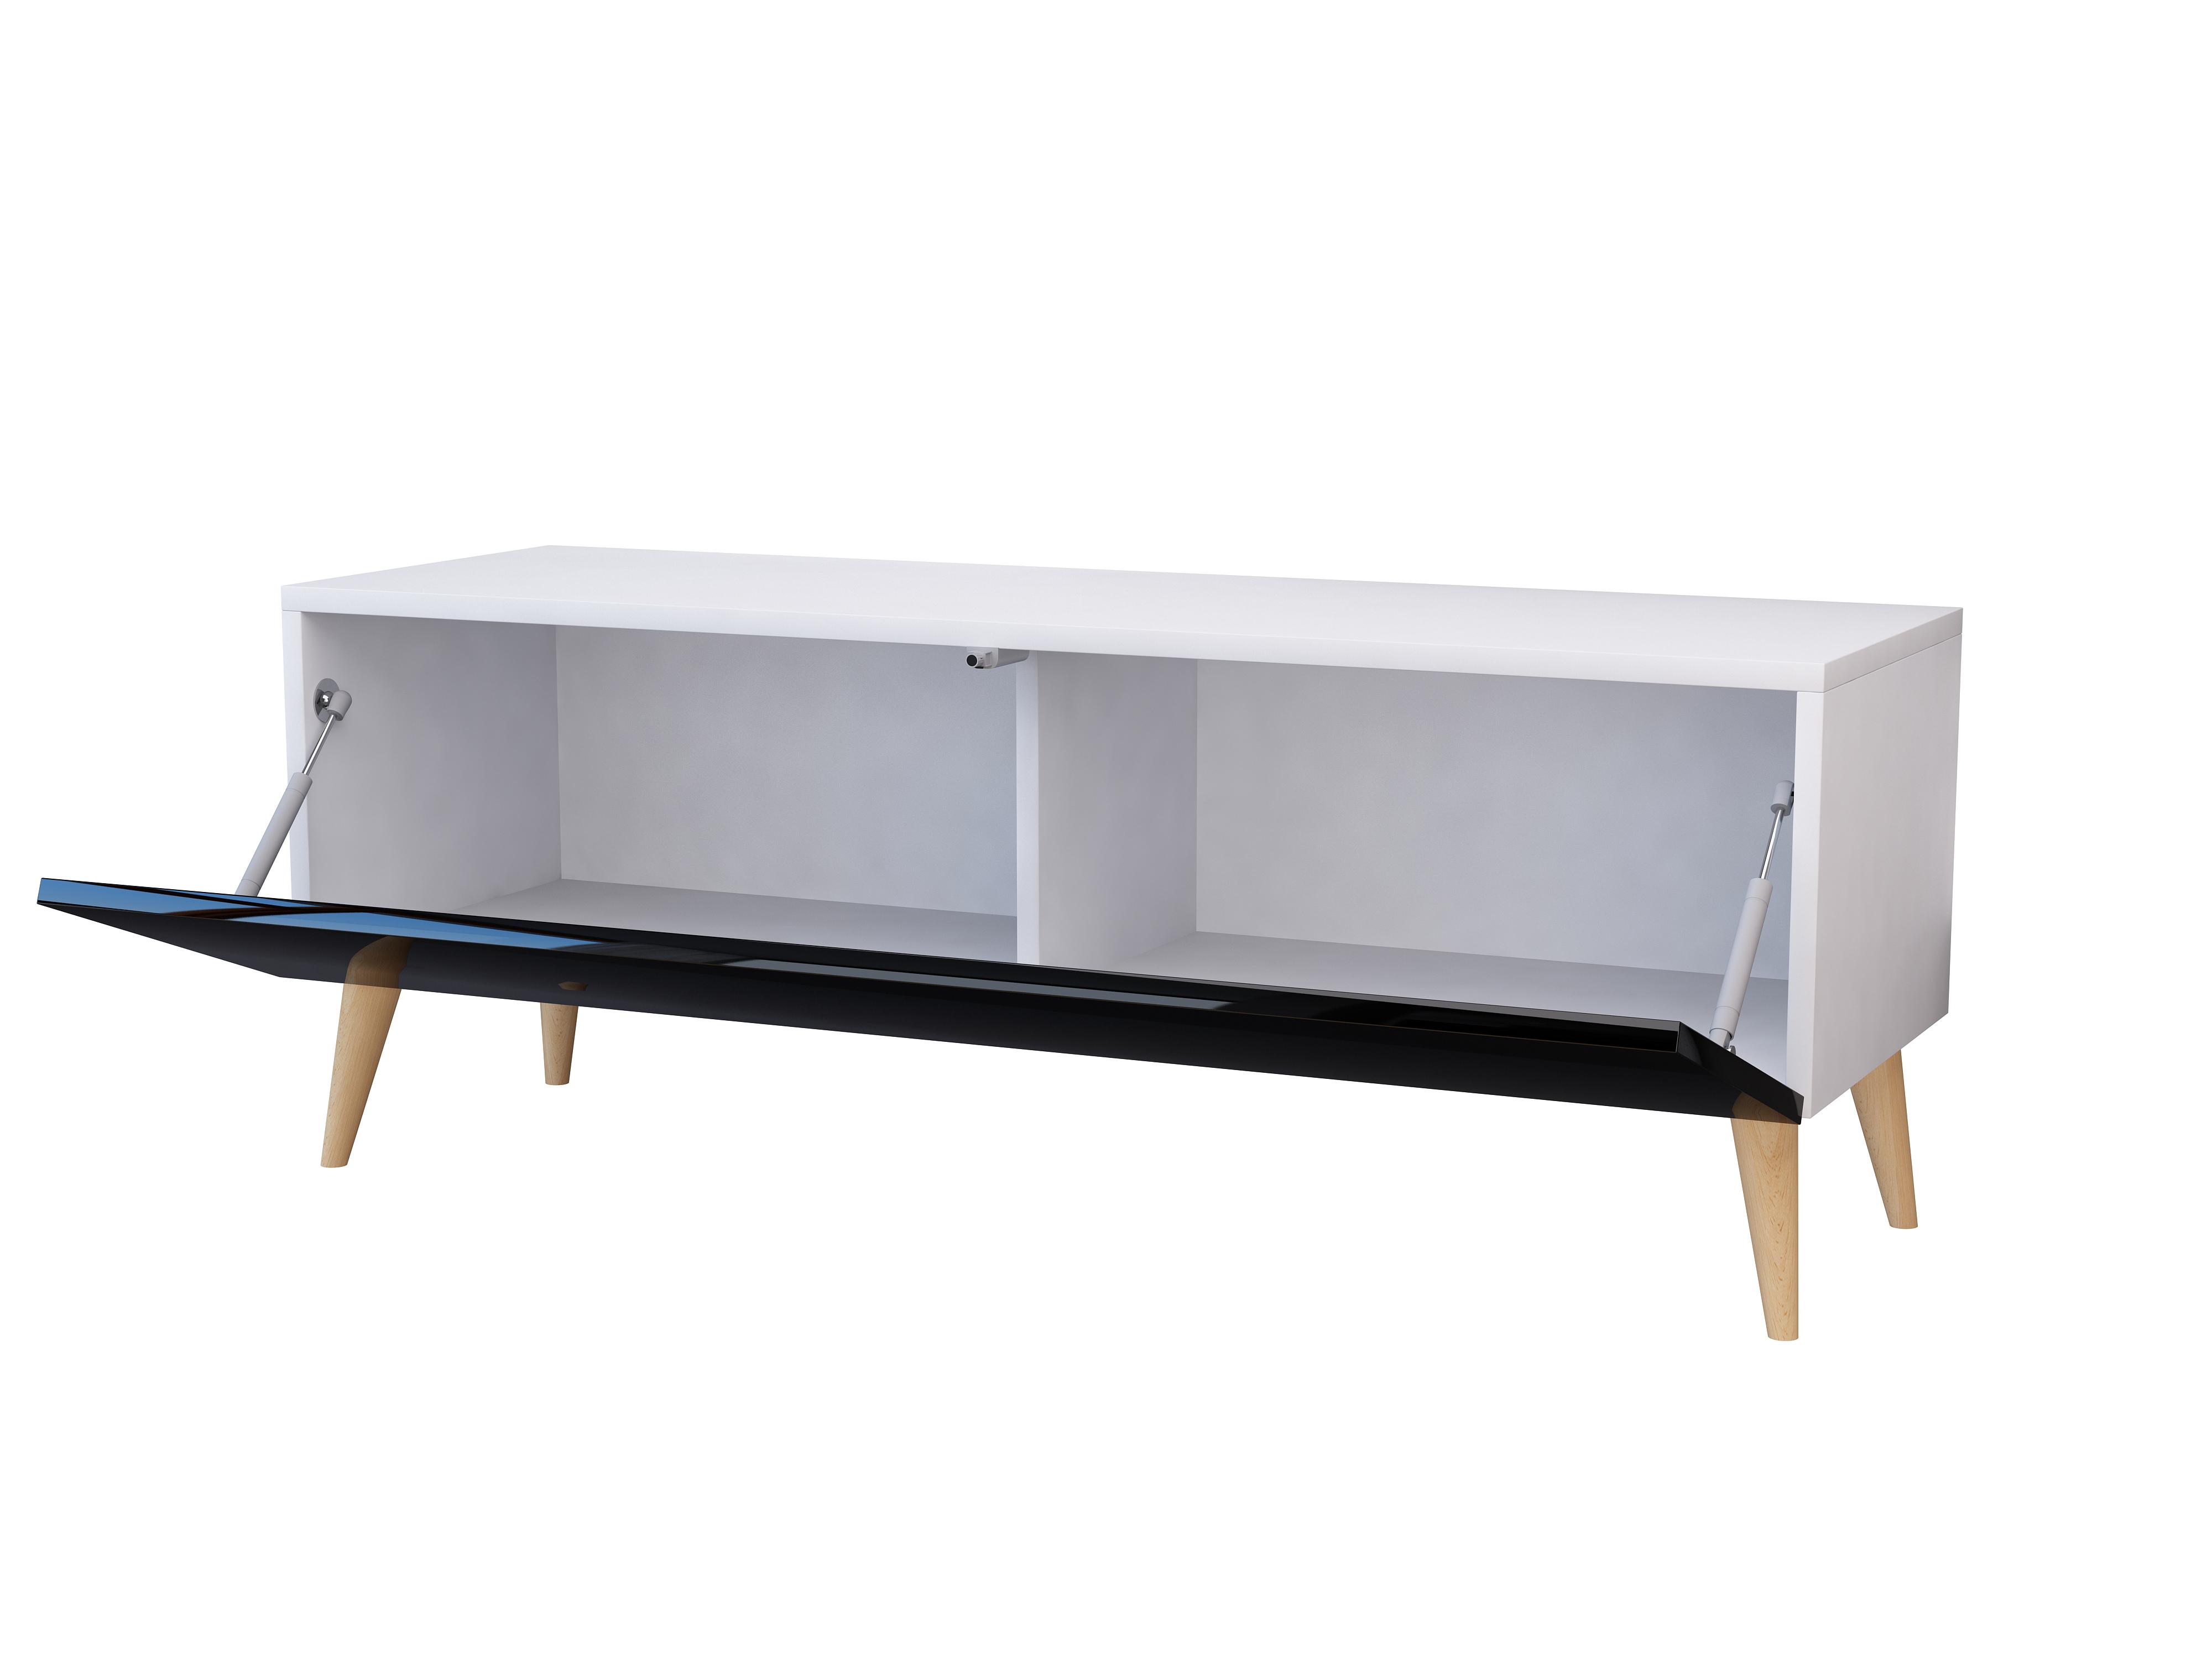 Mebel, drewno, czarny połysk, biały mat, szafka pod tv.